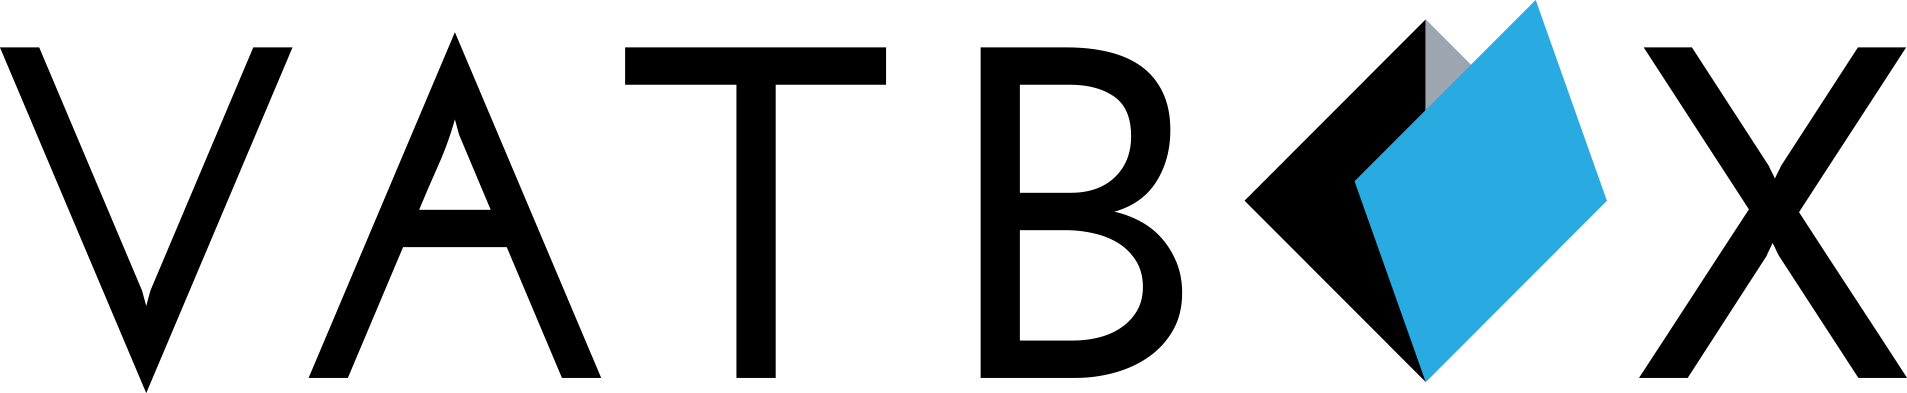 VATbox_logo_final